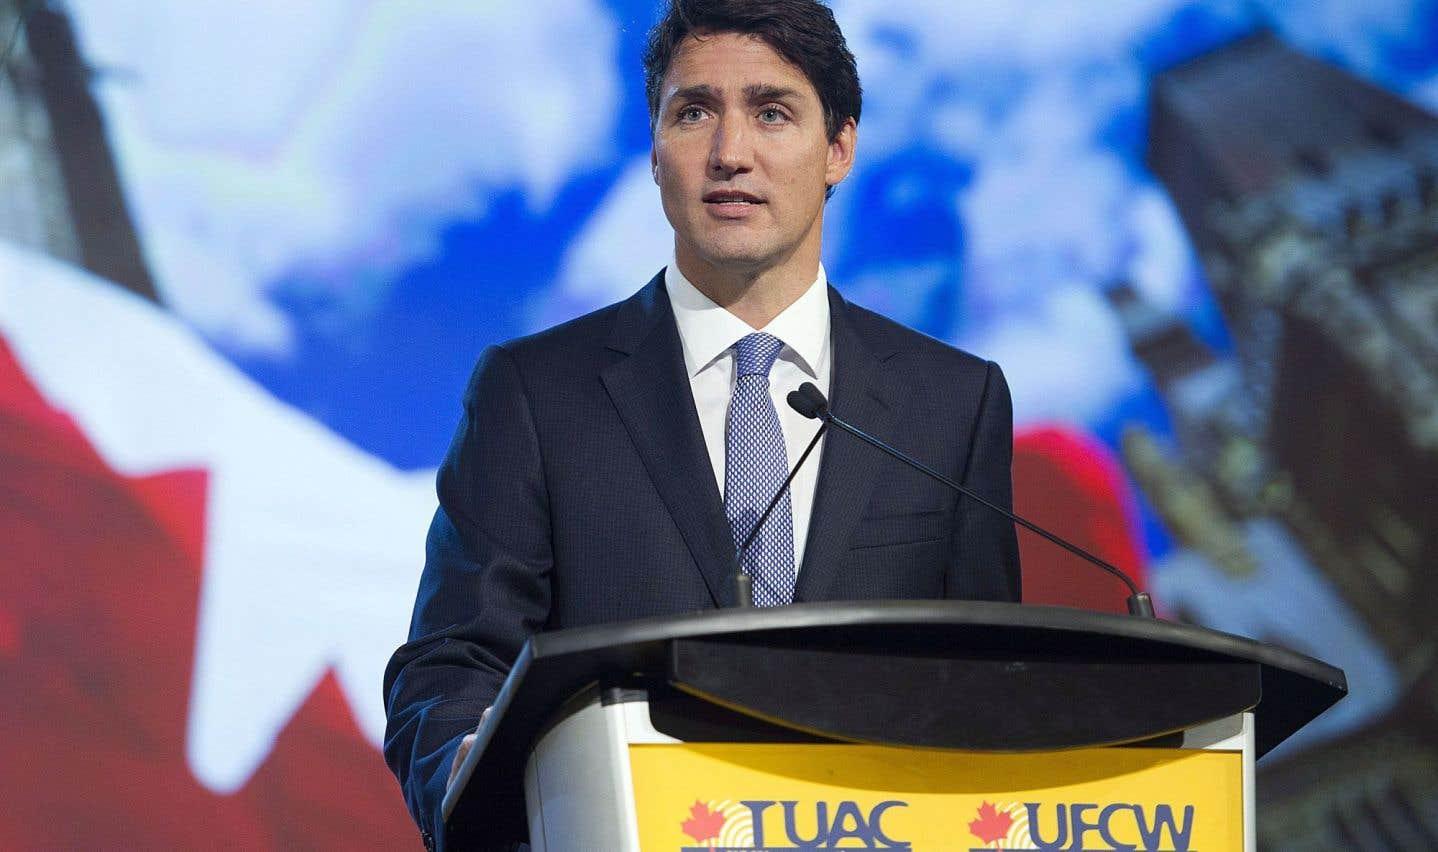 ALENA: Justin Trudeau promet un accord équitable pour les travailleurs